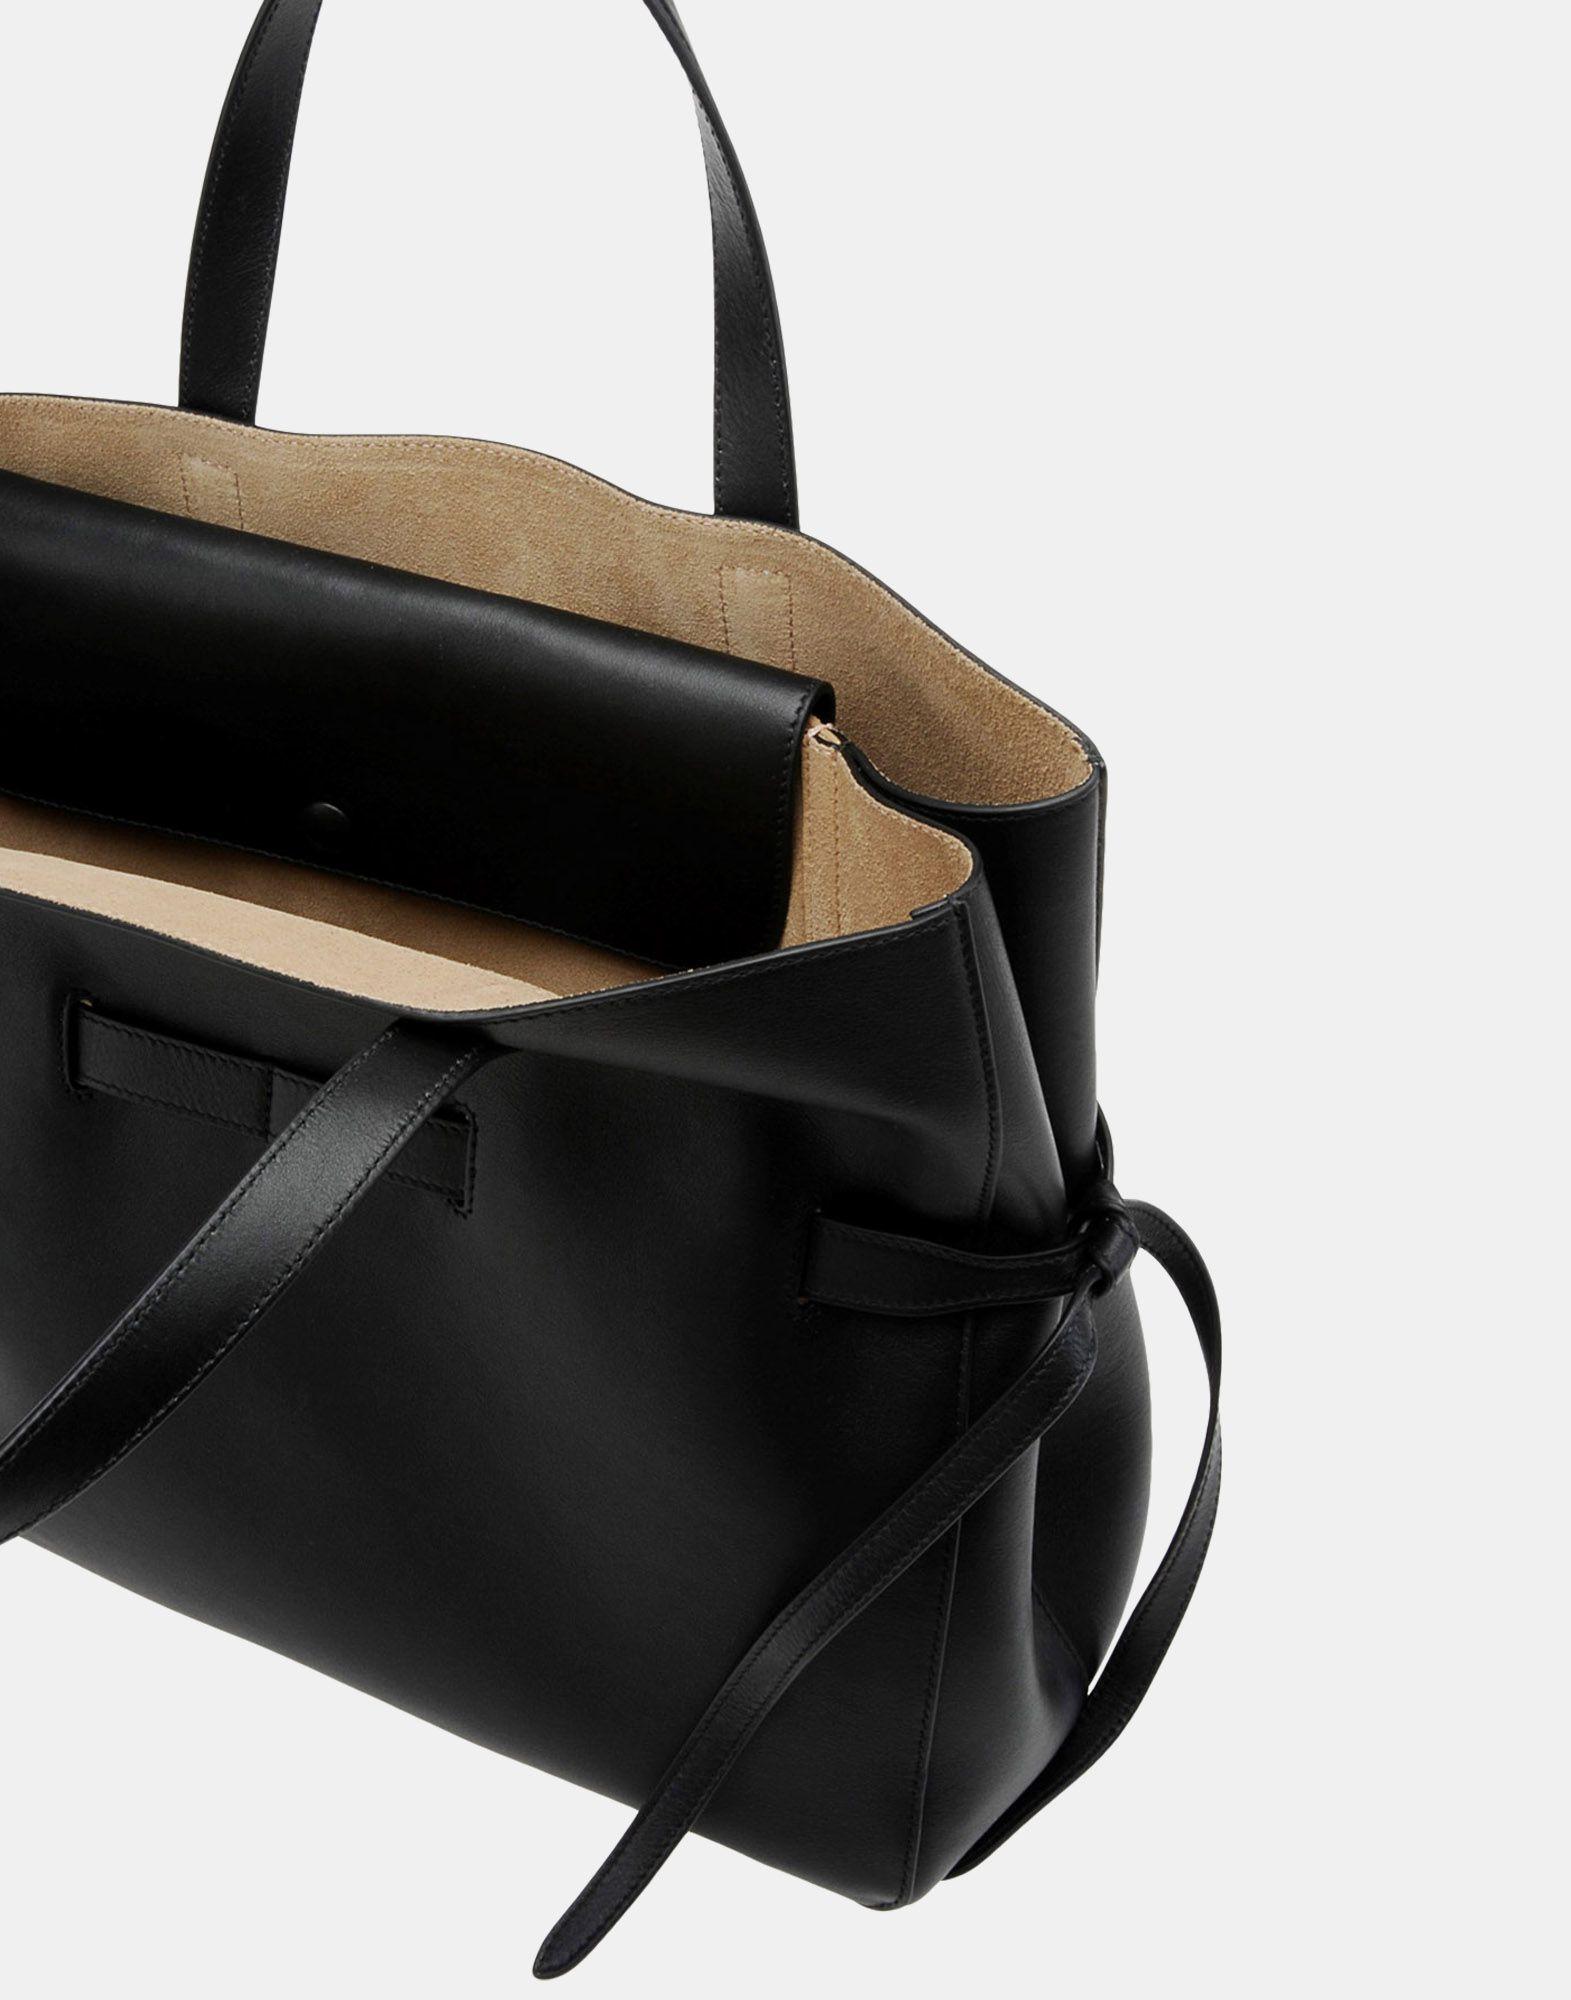 67a20745a95e4 Handtasche Für Sie - Taschen Für Sie auf Jil Sander Online Store